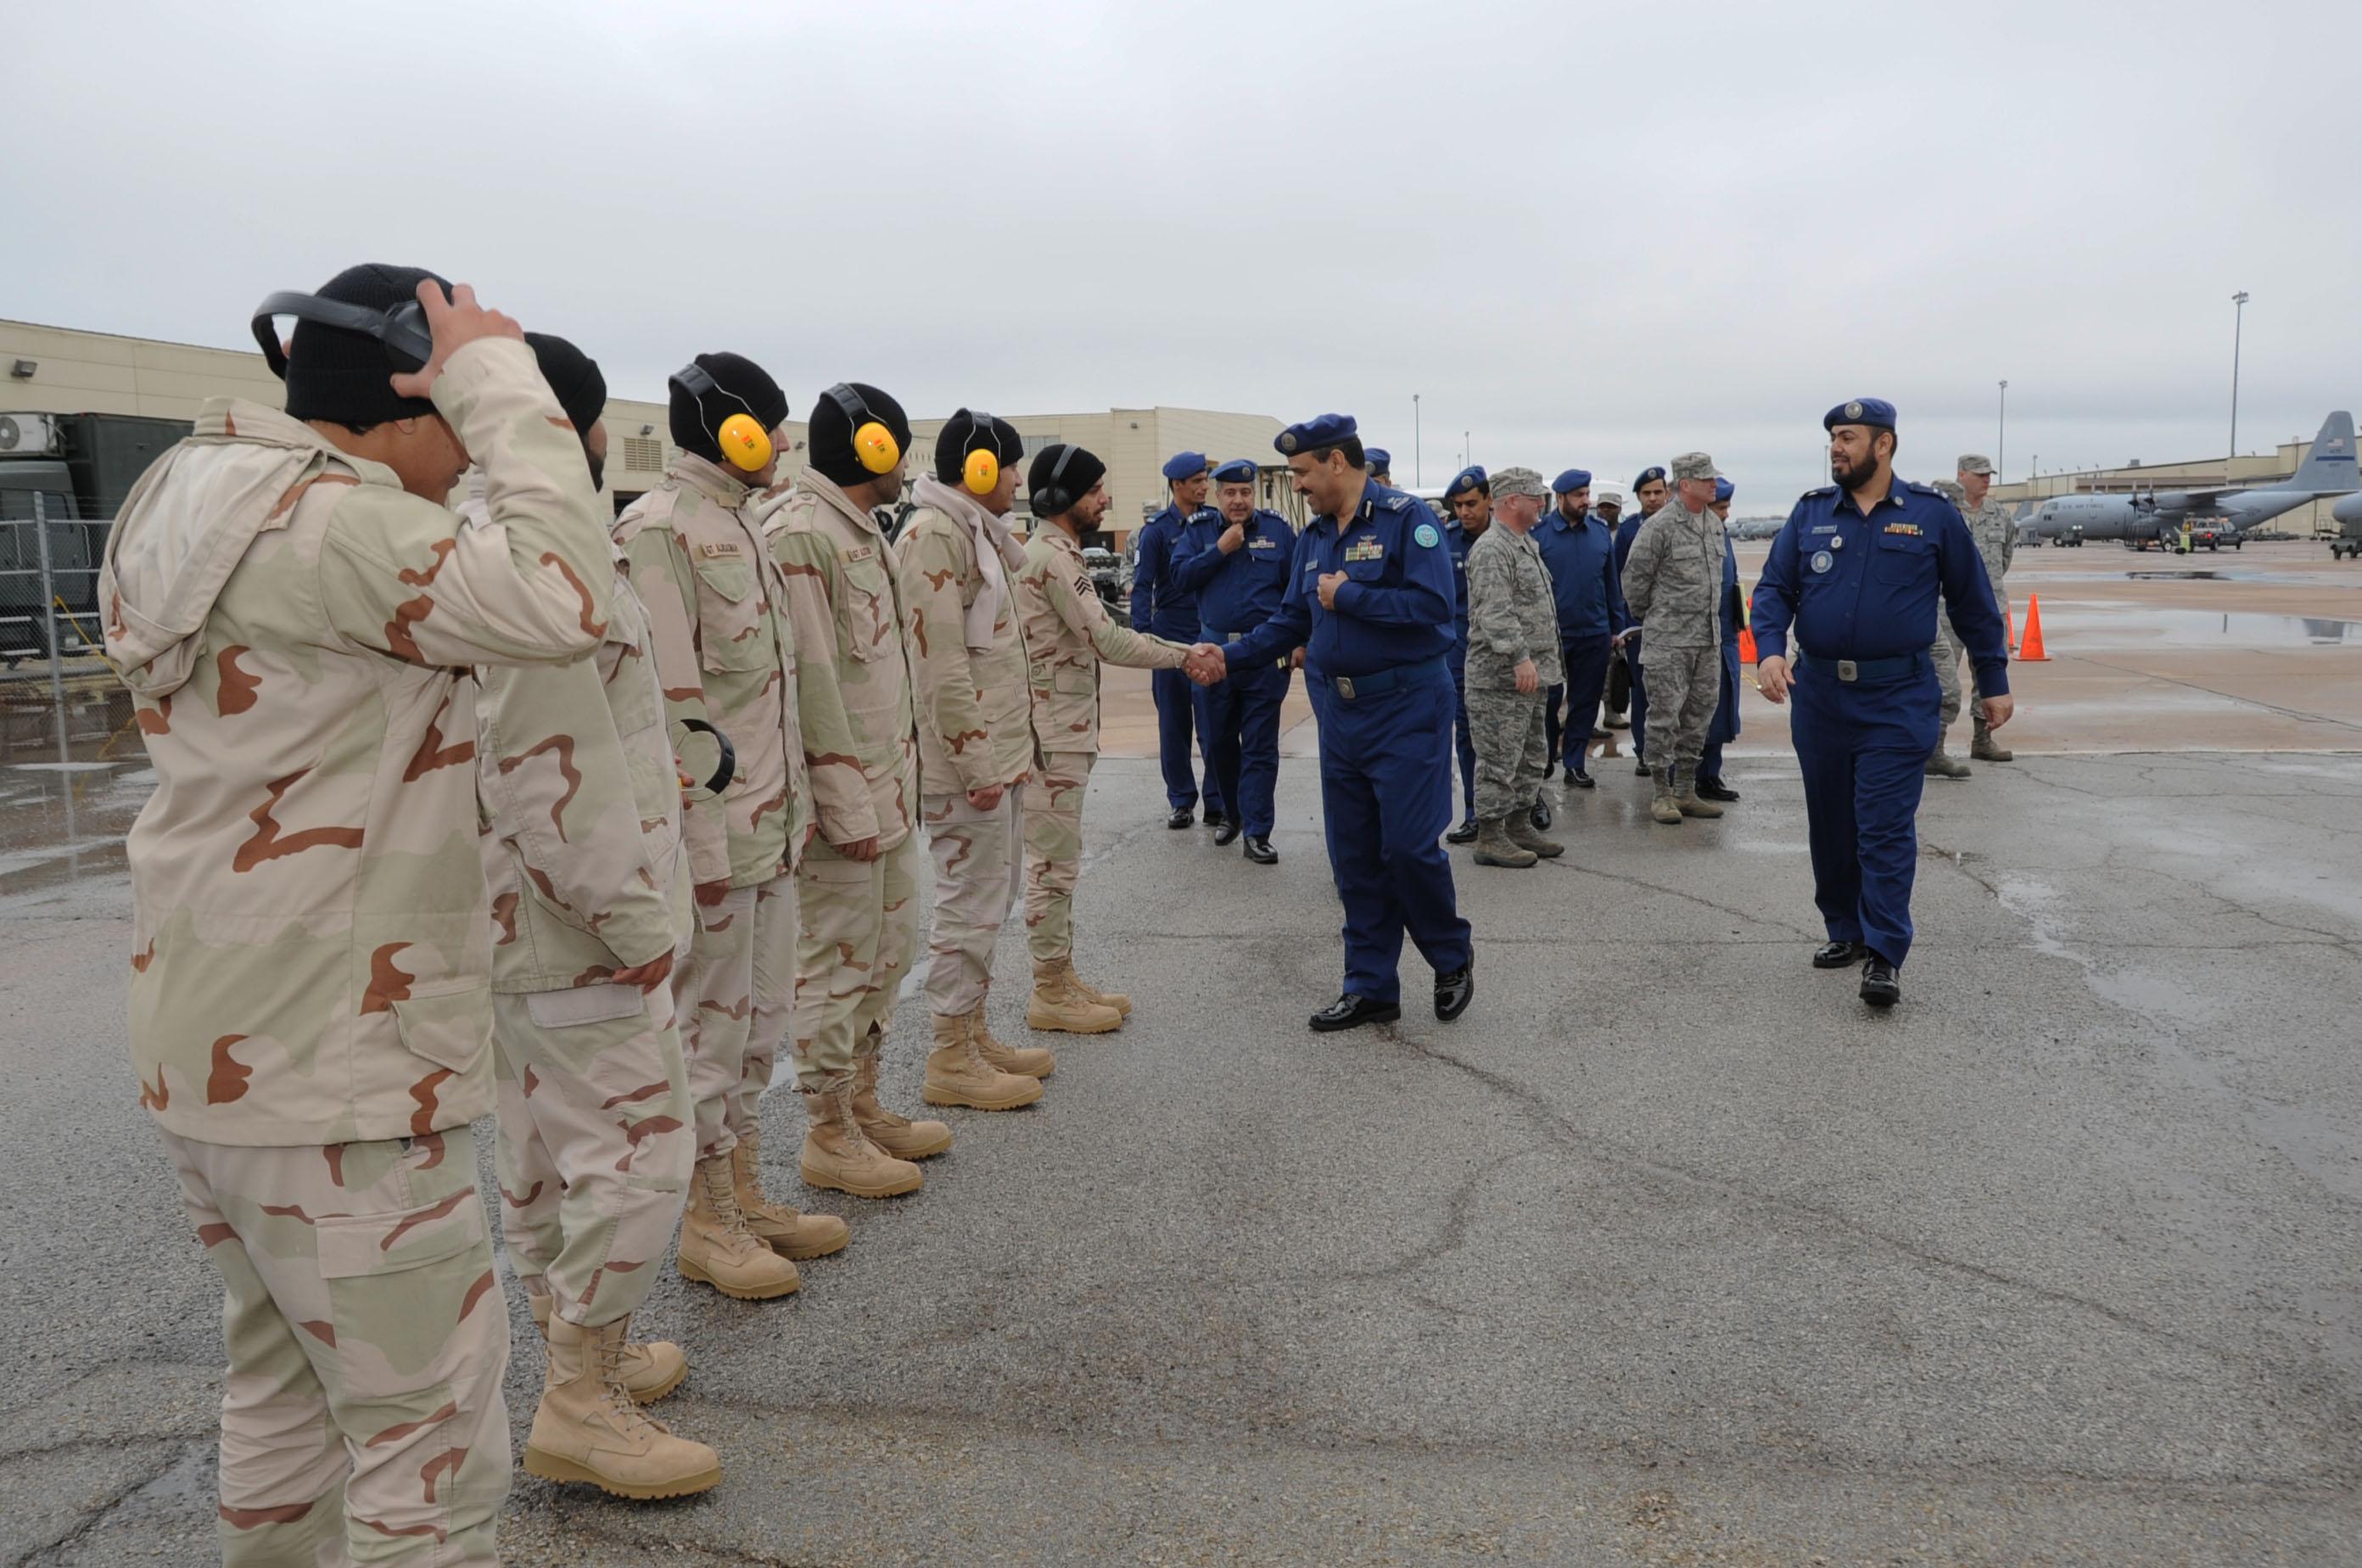 الموسوعه الفوغترافيه لصور القوات الجويه الملكيه السعوديه ( rsaf ) 729121130221FLL225001